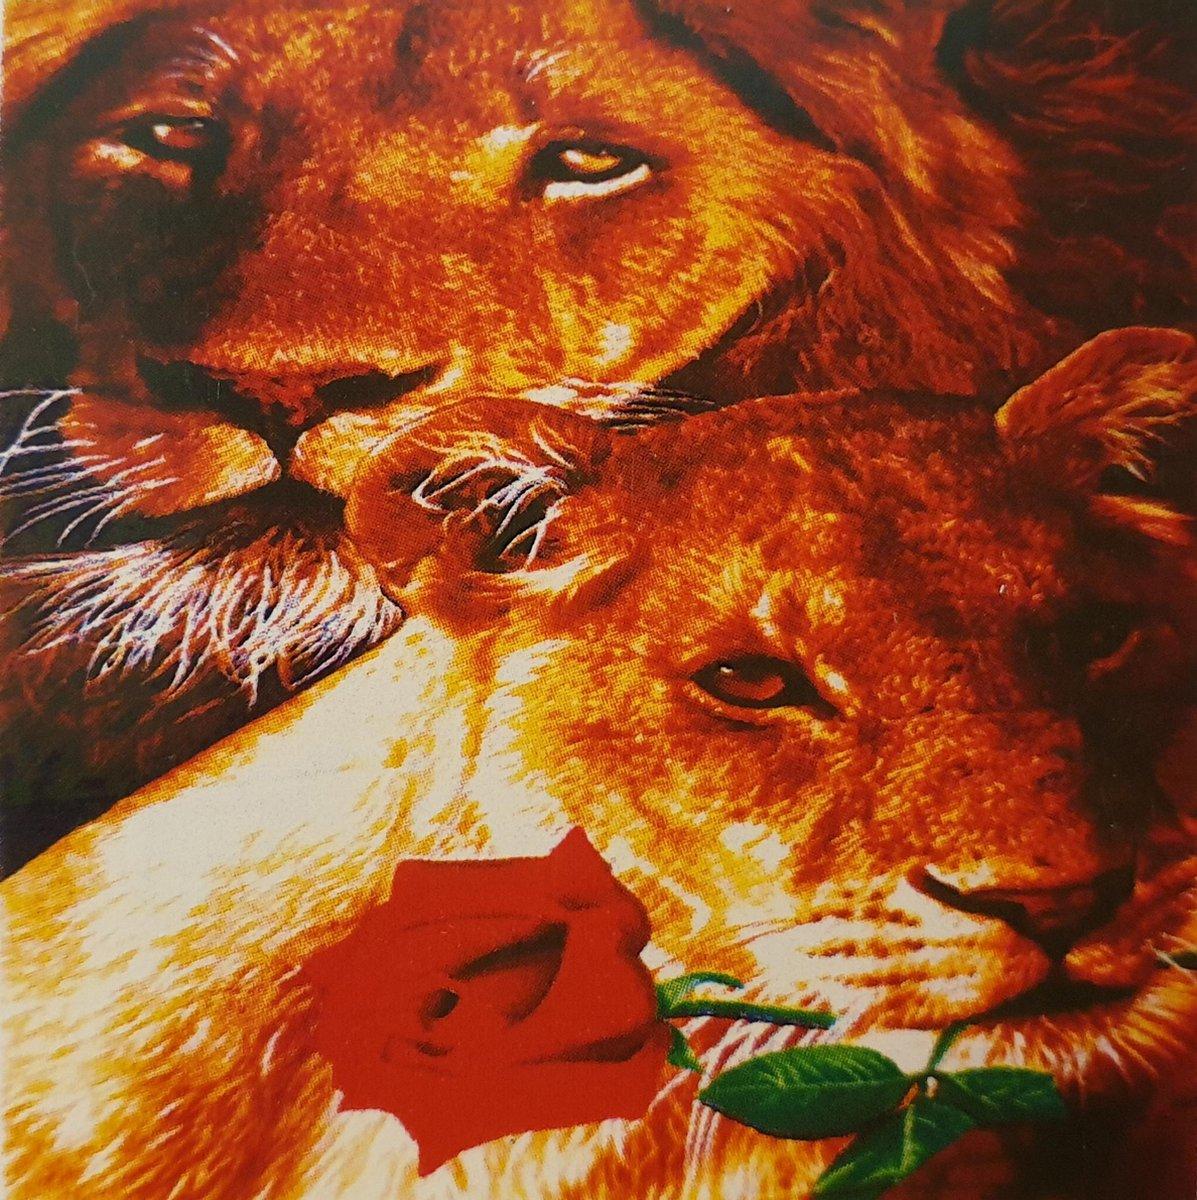 Diamond Painting Volwassenen   Leeuw Roos   25 x 35 cm   Diamond Painting Pakket Volledig   Diamond Painting Kinderen  Inclusief Tools